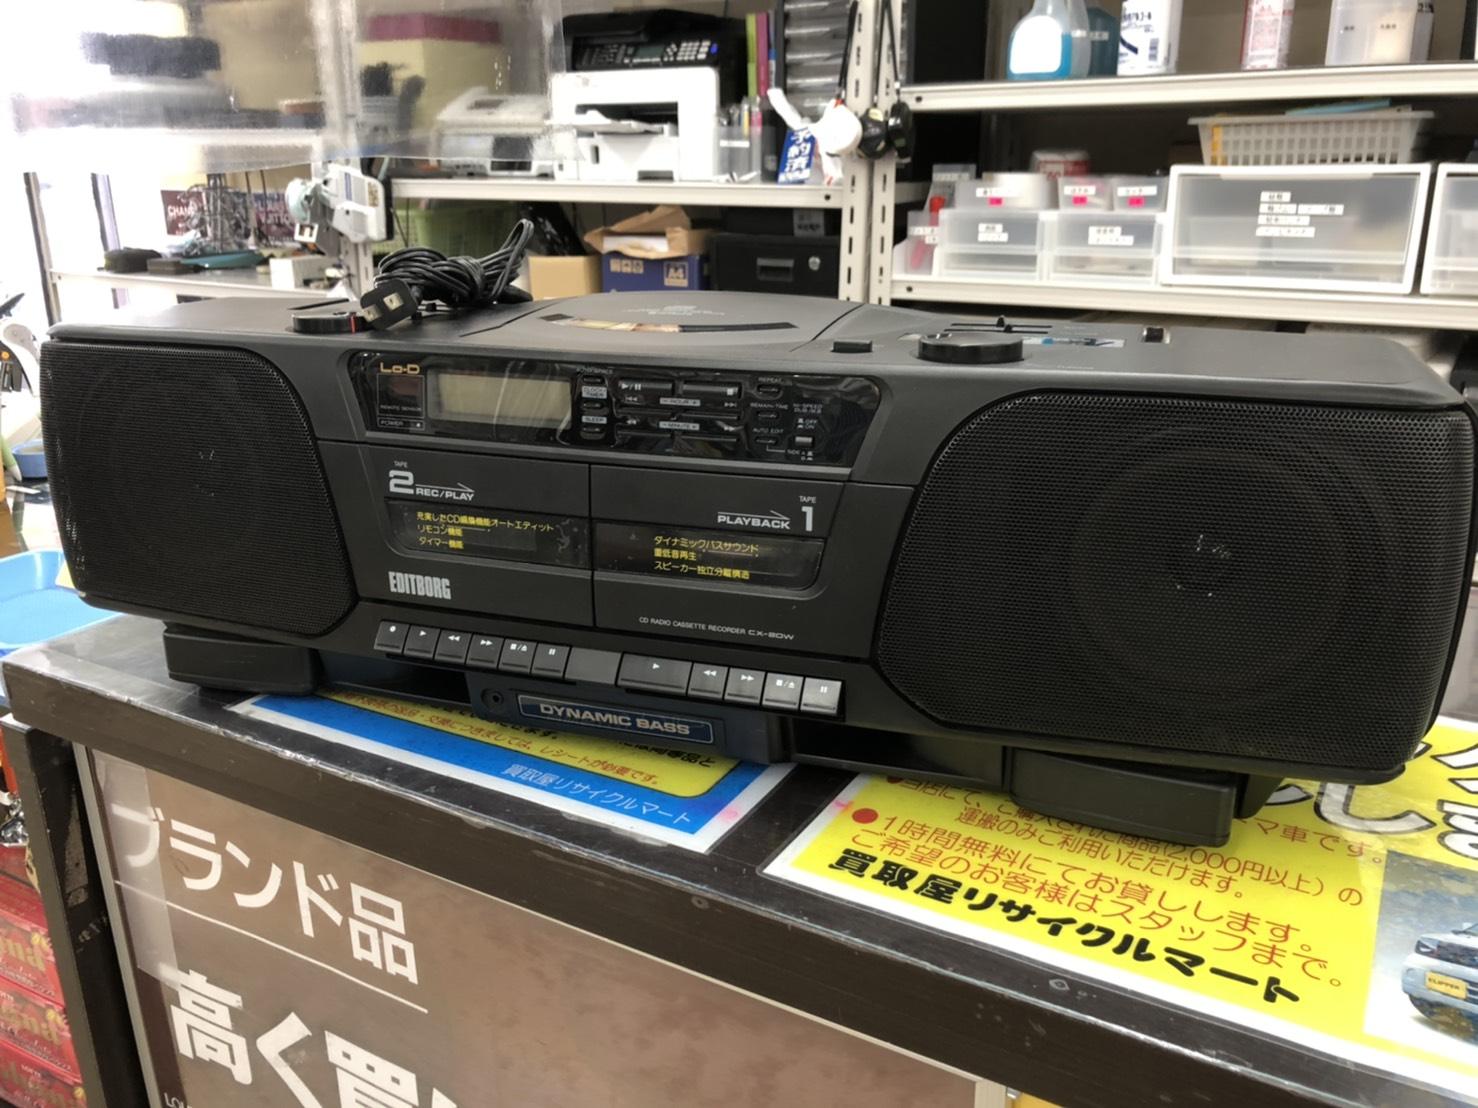 HITACHI 日立 CD ラジオ カセット レコーダー CX-20W ラジカセ 完全動作品 レトロ をお買取りさせて頂きました!!の買取-